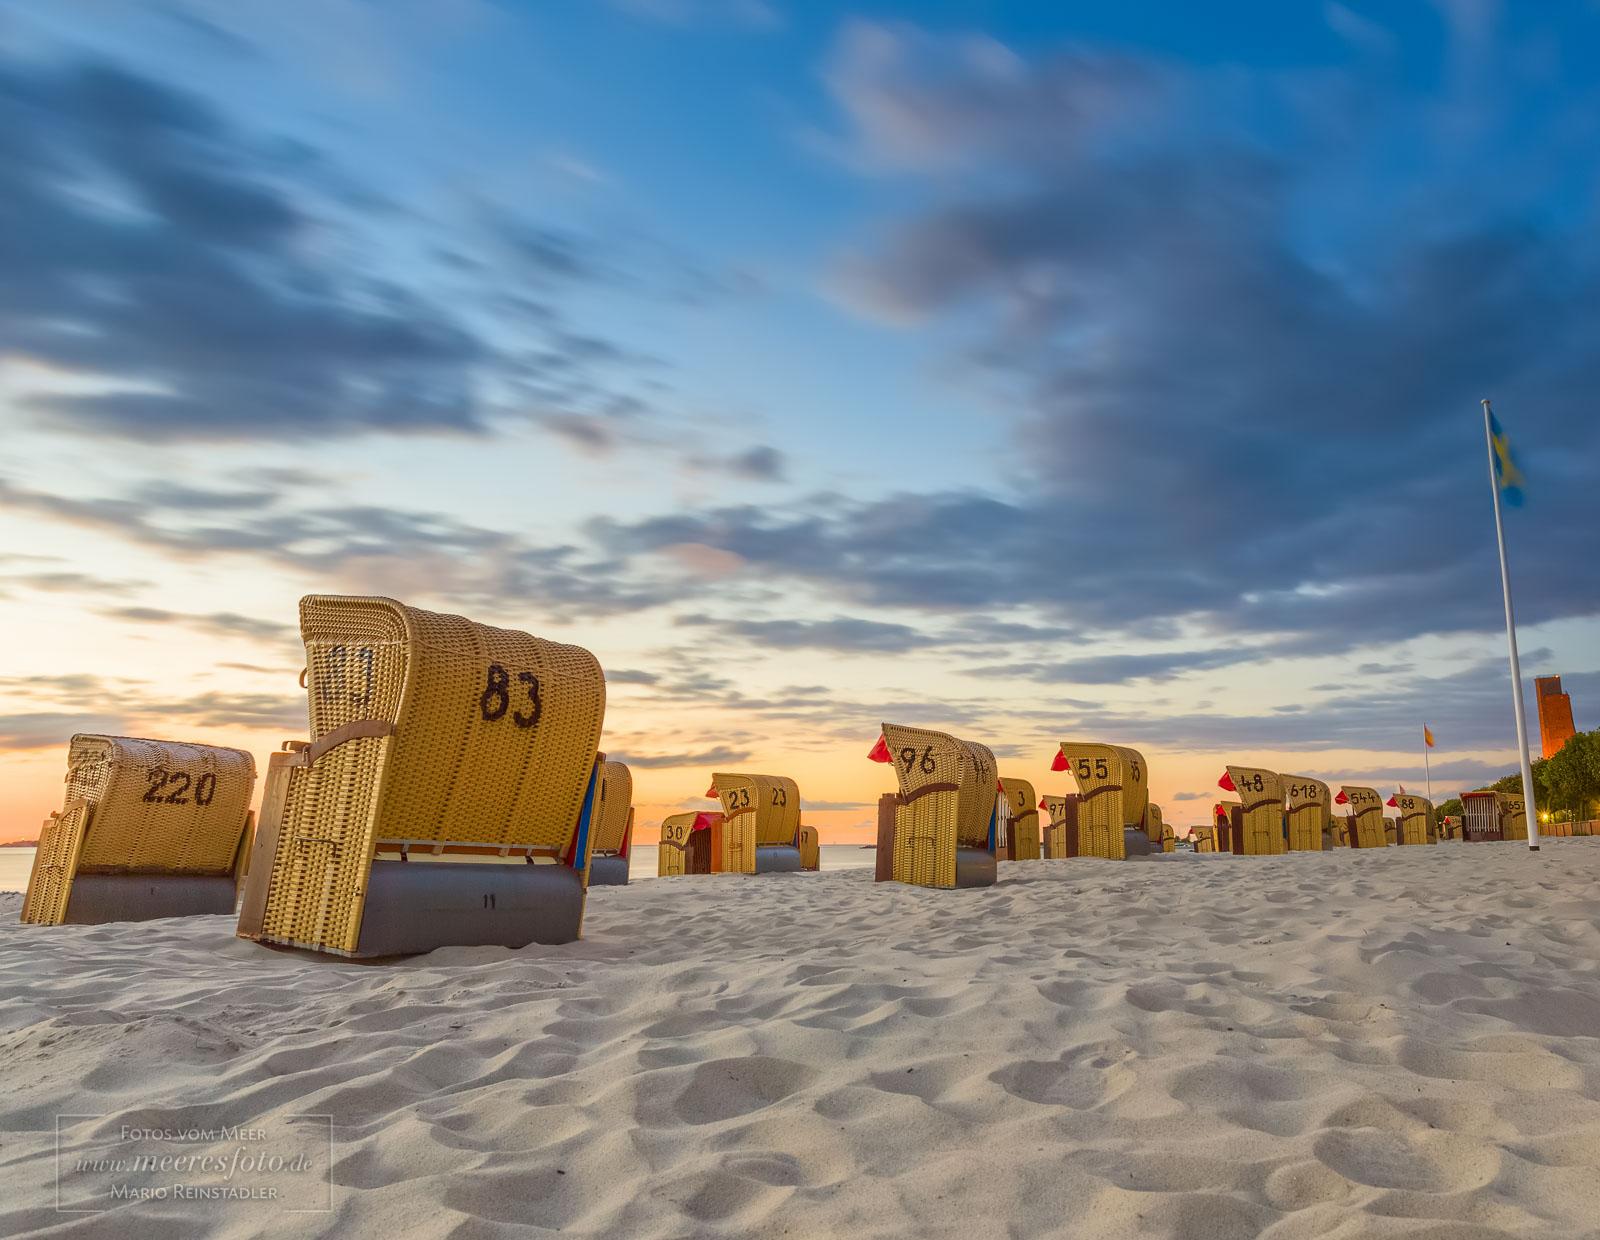 Strand nordsee sonnenuntergang  Laboe - Besondere Fotografien der Ostsee und Nordsee von Mario ...